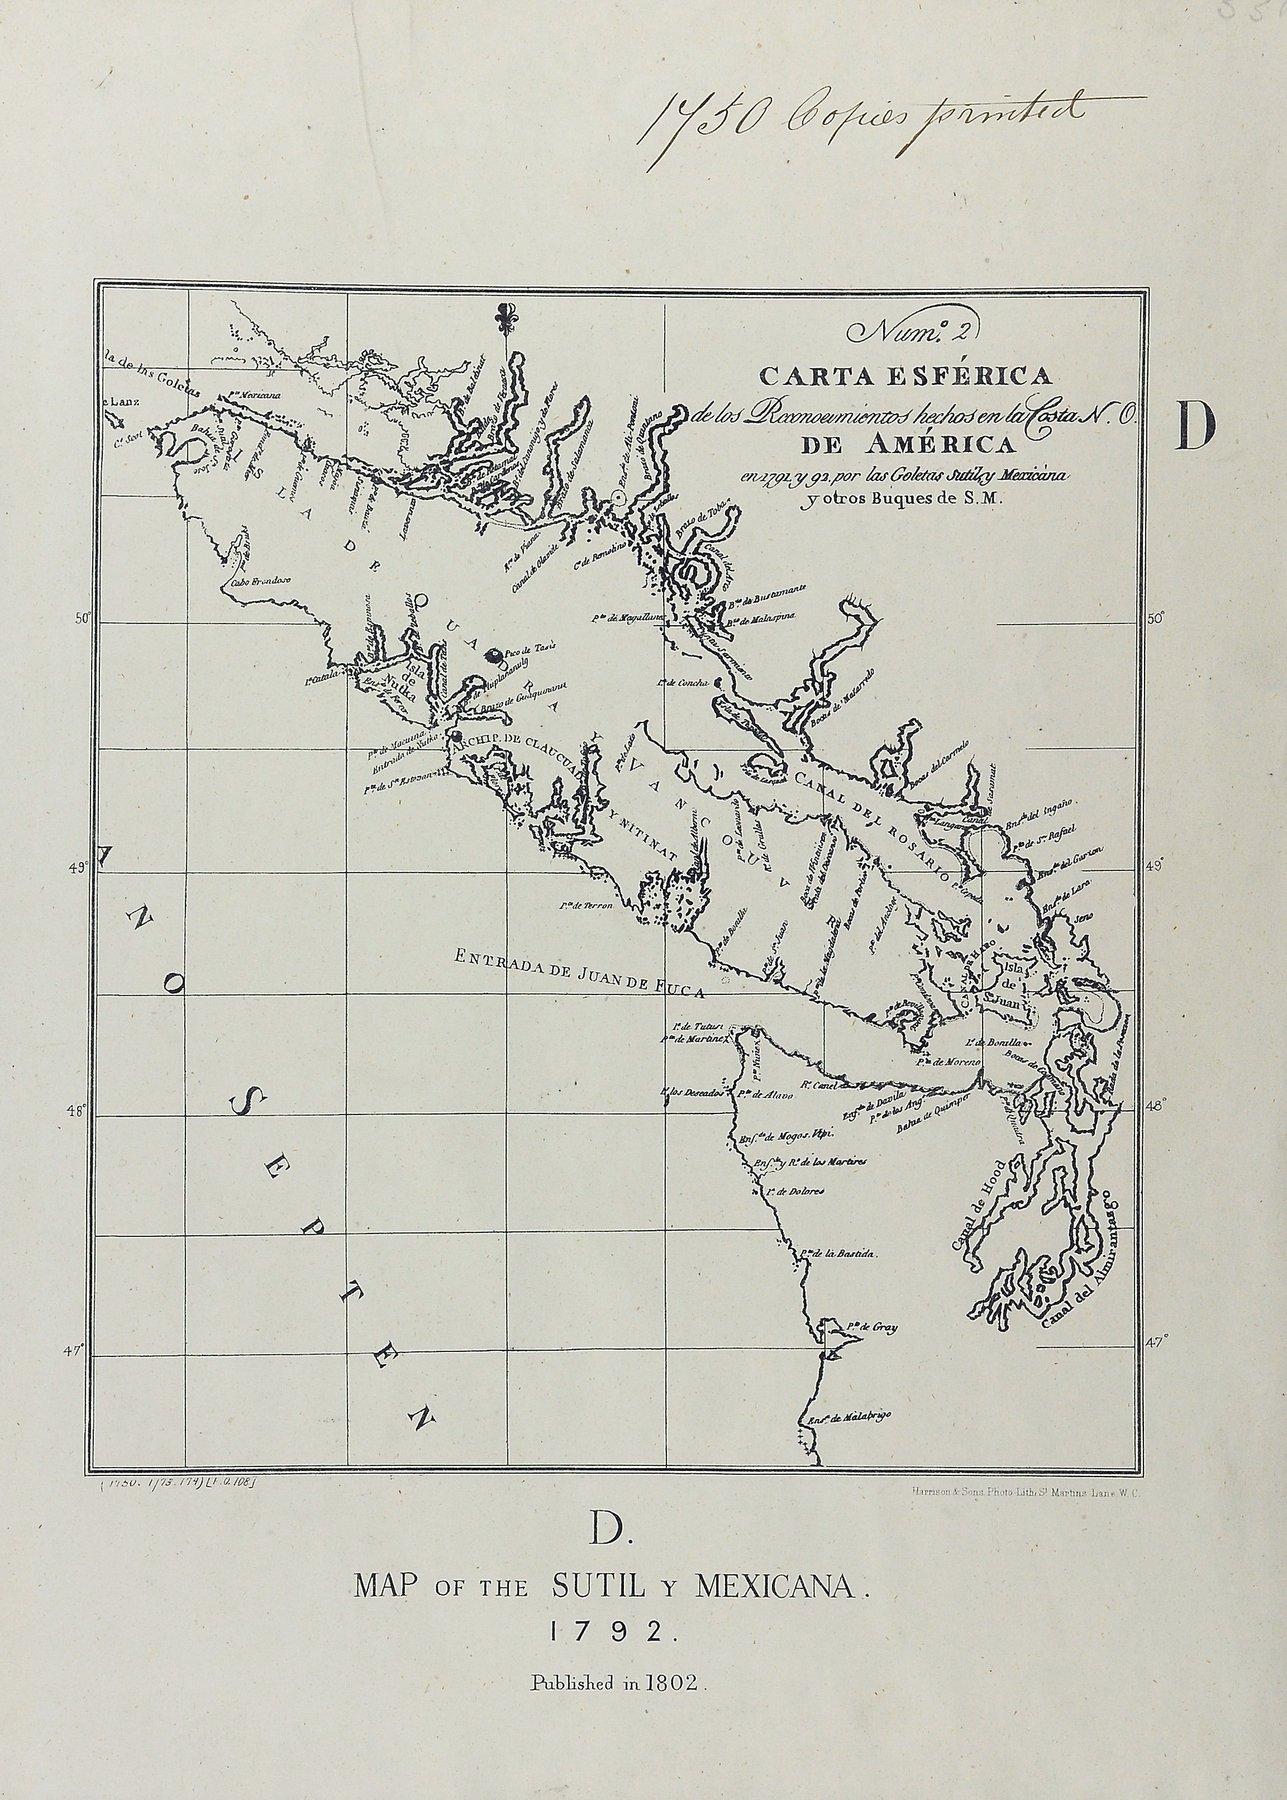 San Juan boundary dispute maps [map D].